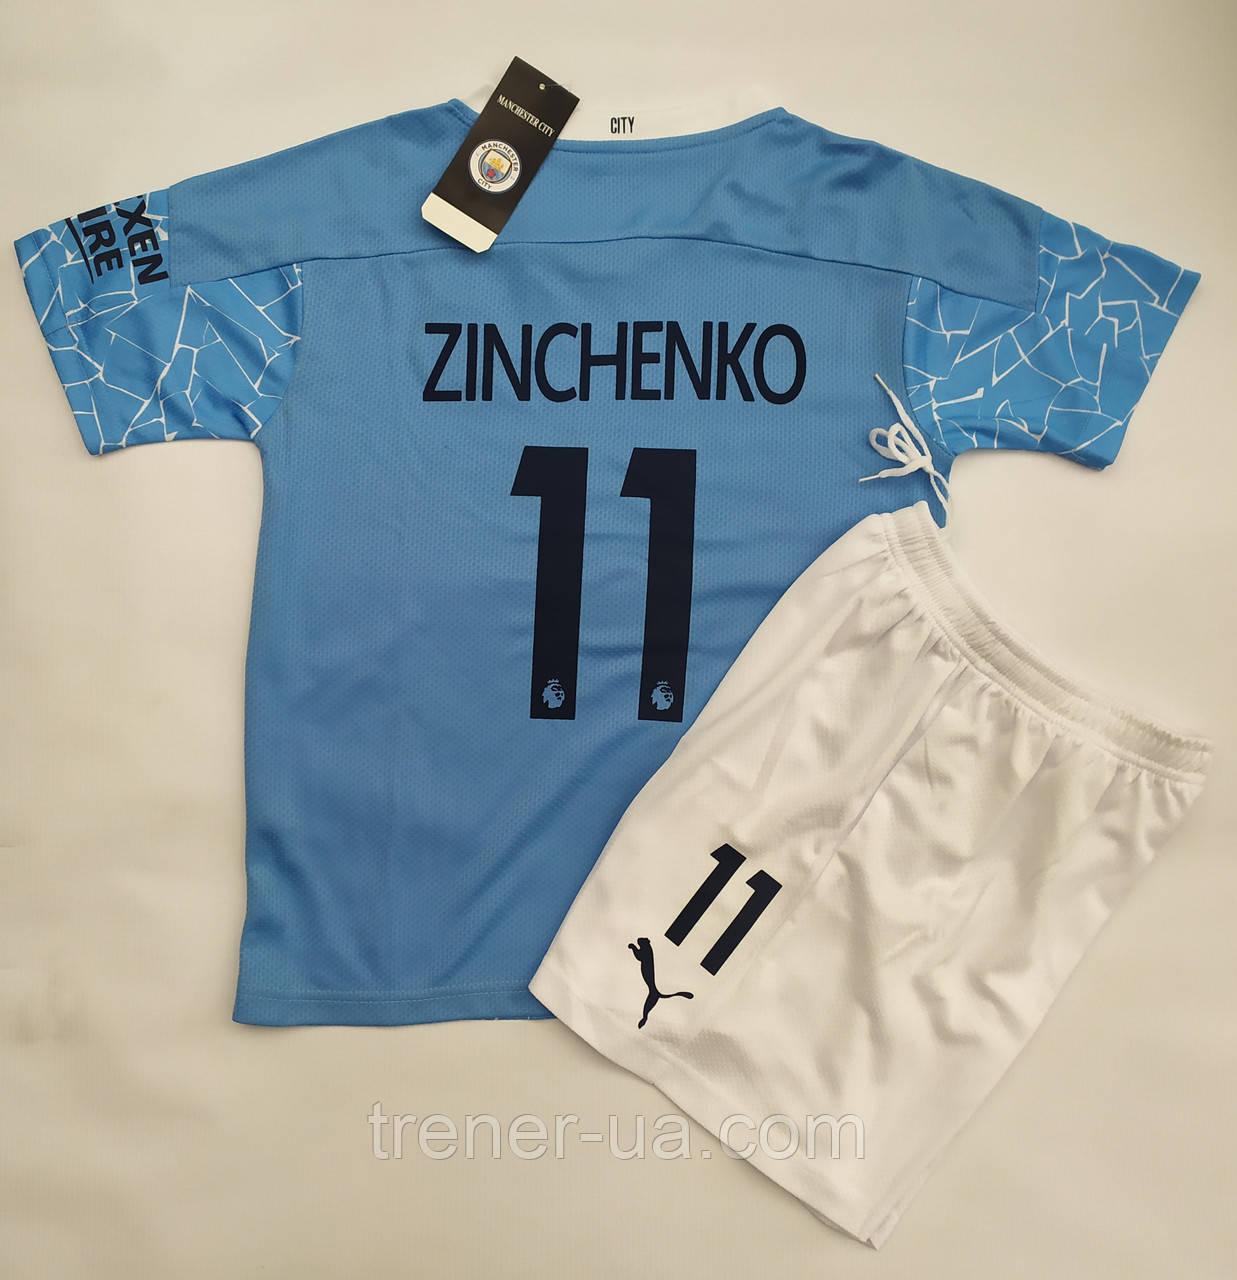 Футбольная форма детская/Manchester Citi Zinchenko 2021/комплект футбольный детский/Зинченко/Ман Сити/футбол